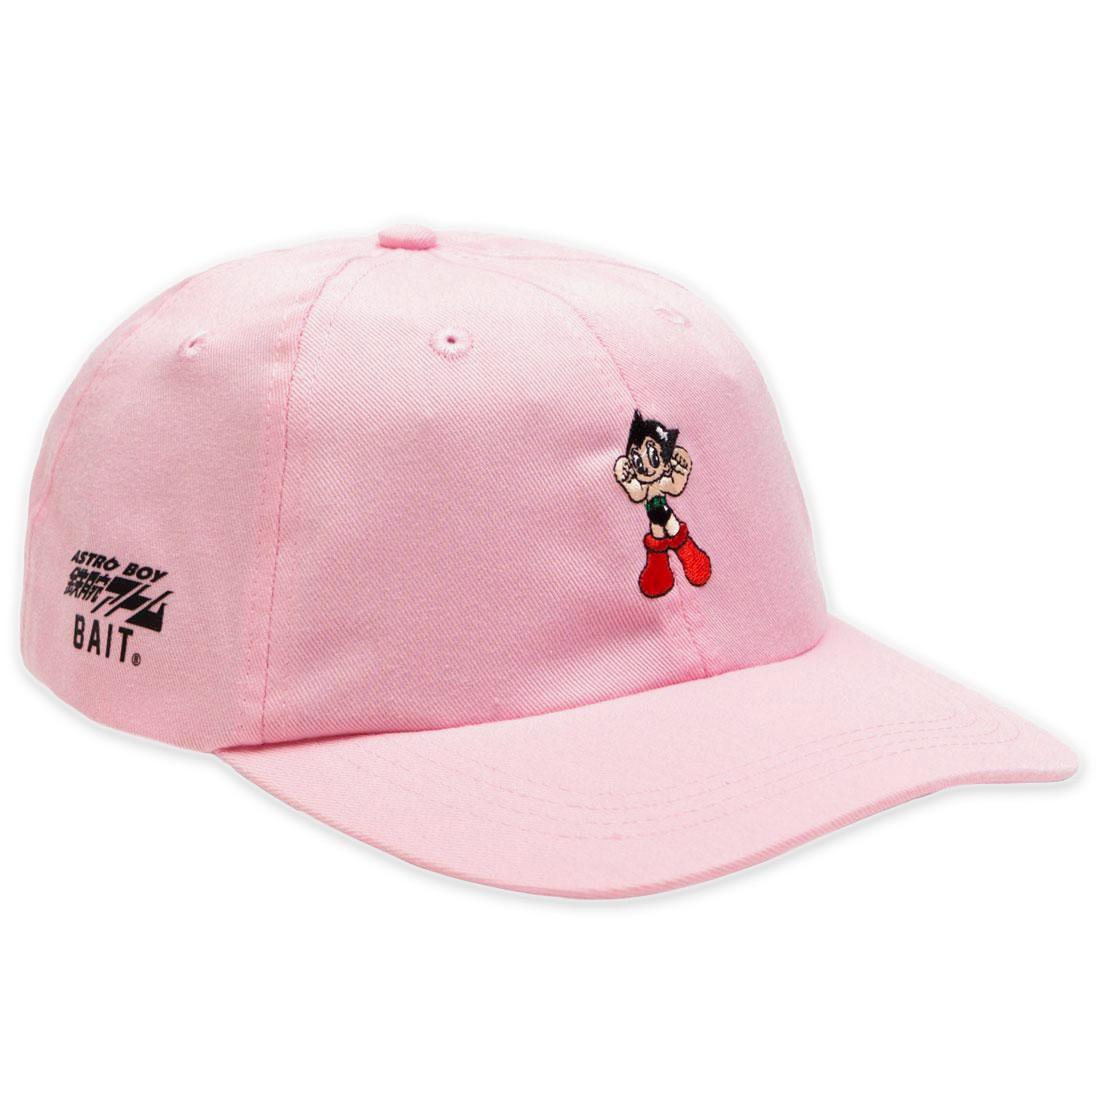 BAIT x Astro Boy Logo Dad Cap (light pink)